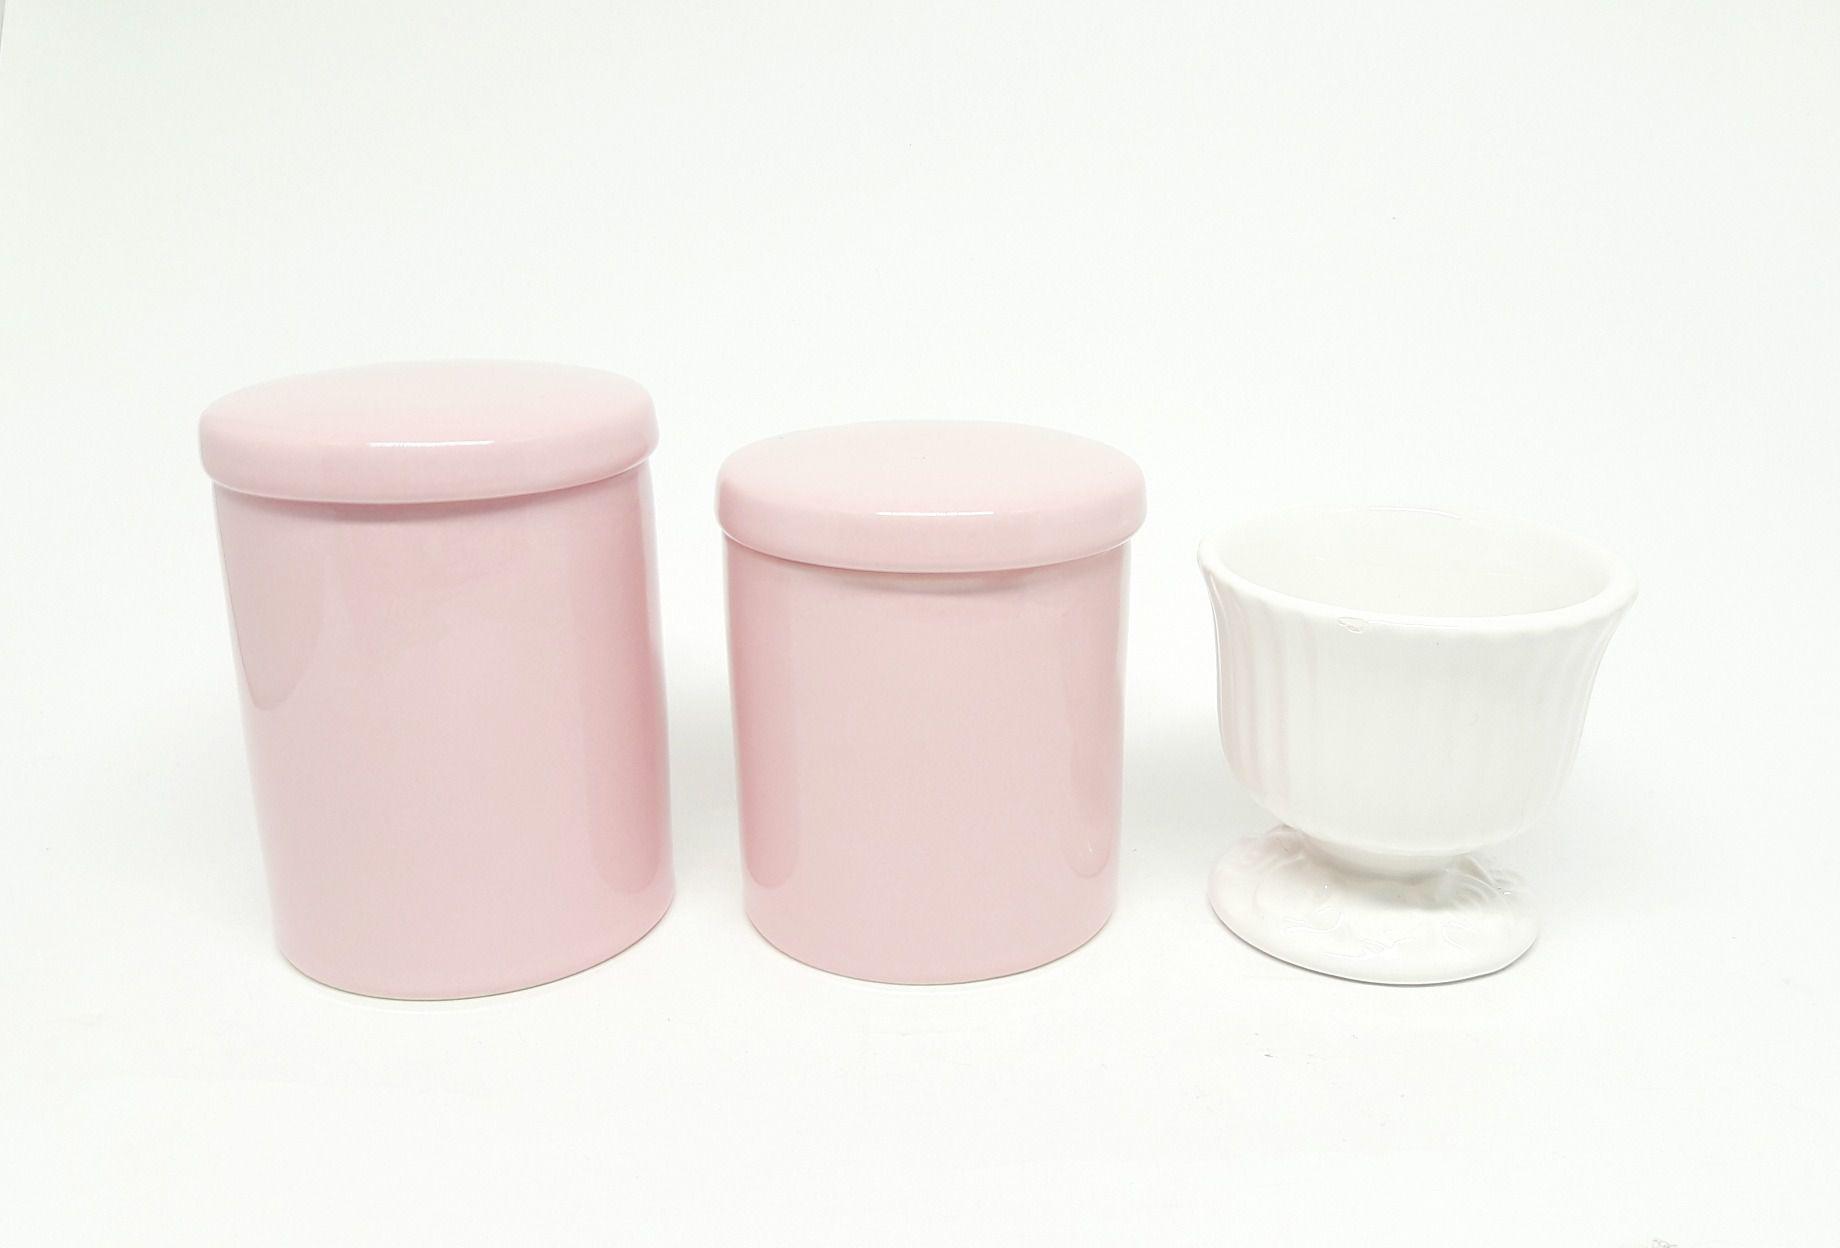 Liquidação | Kit Higiene Bebê Porcelana Rosa & Molhadeira Cerâmica off-white